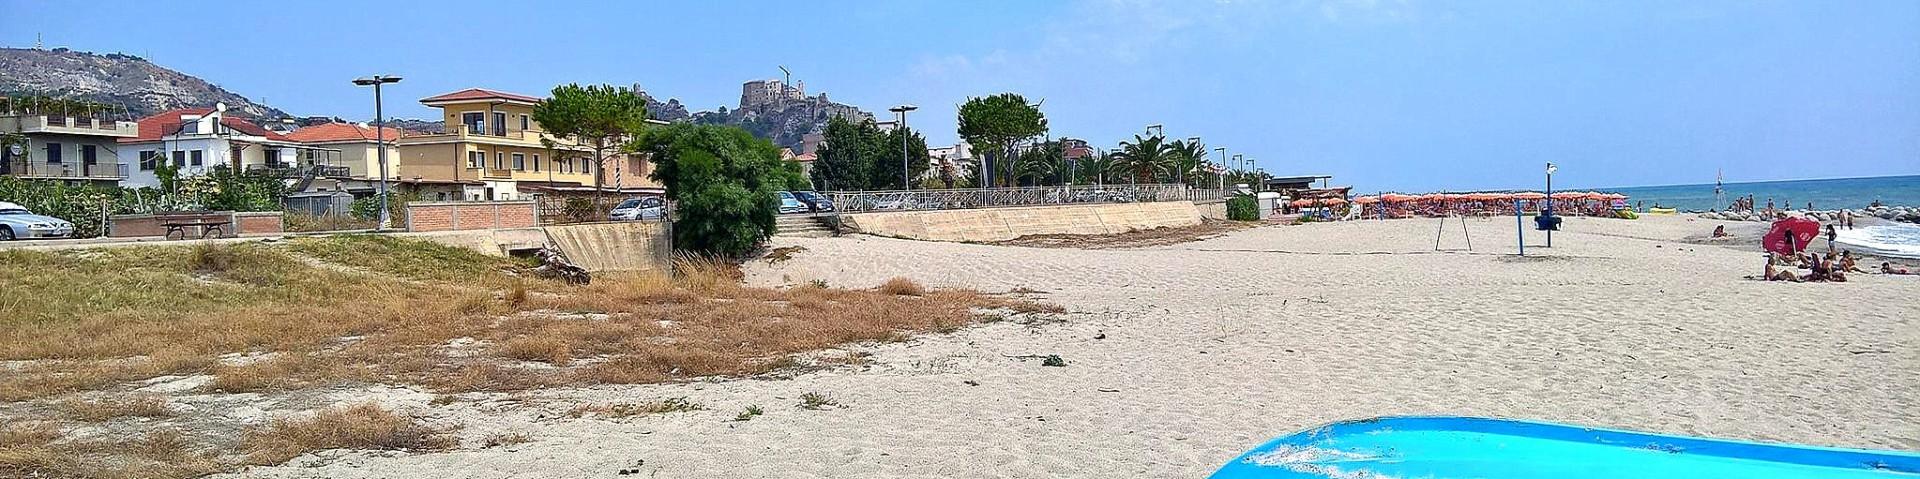 Monasterace Marina